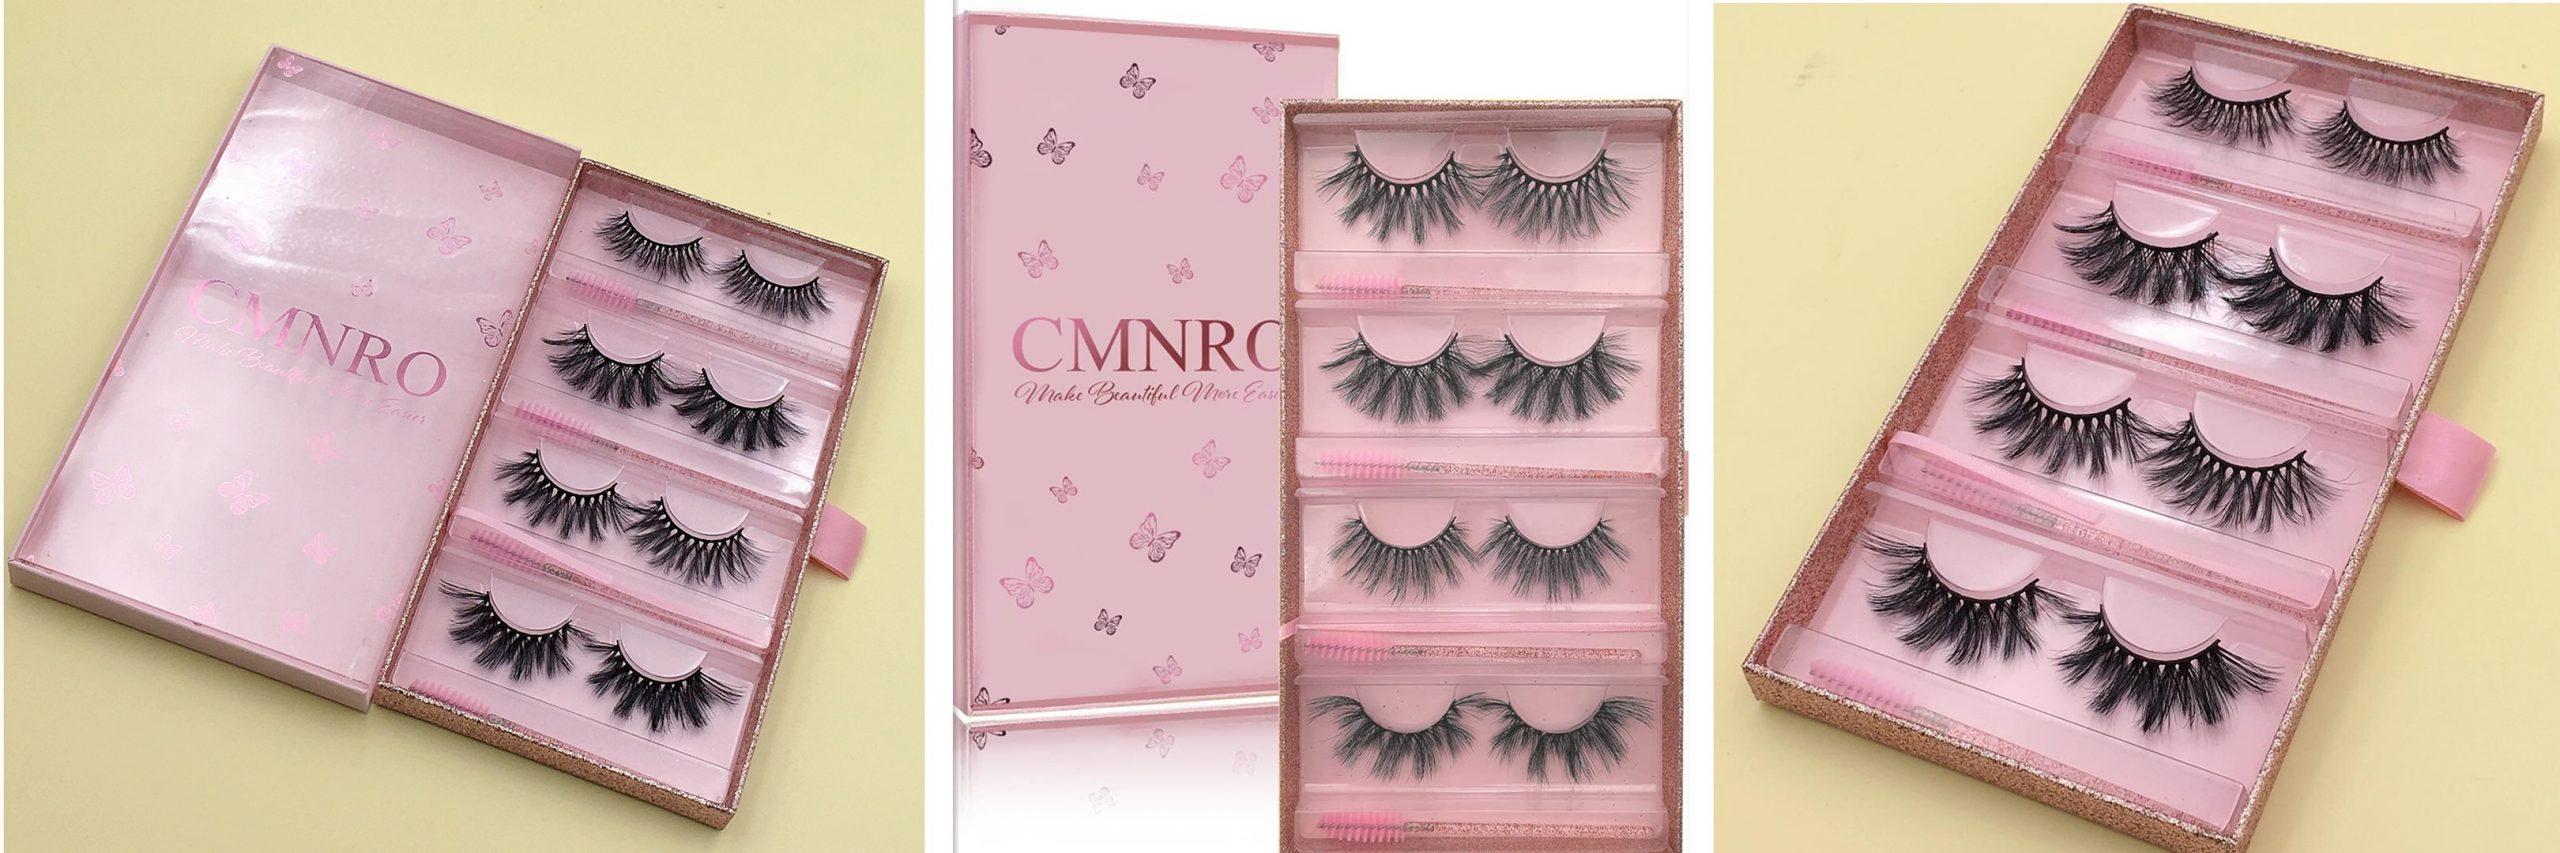 Faux Mink Lashes Wholesale 3D eyelashes Vendor